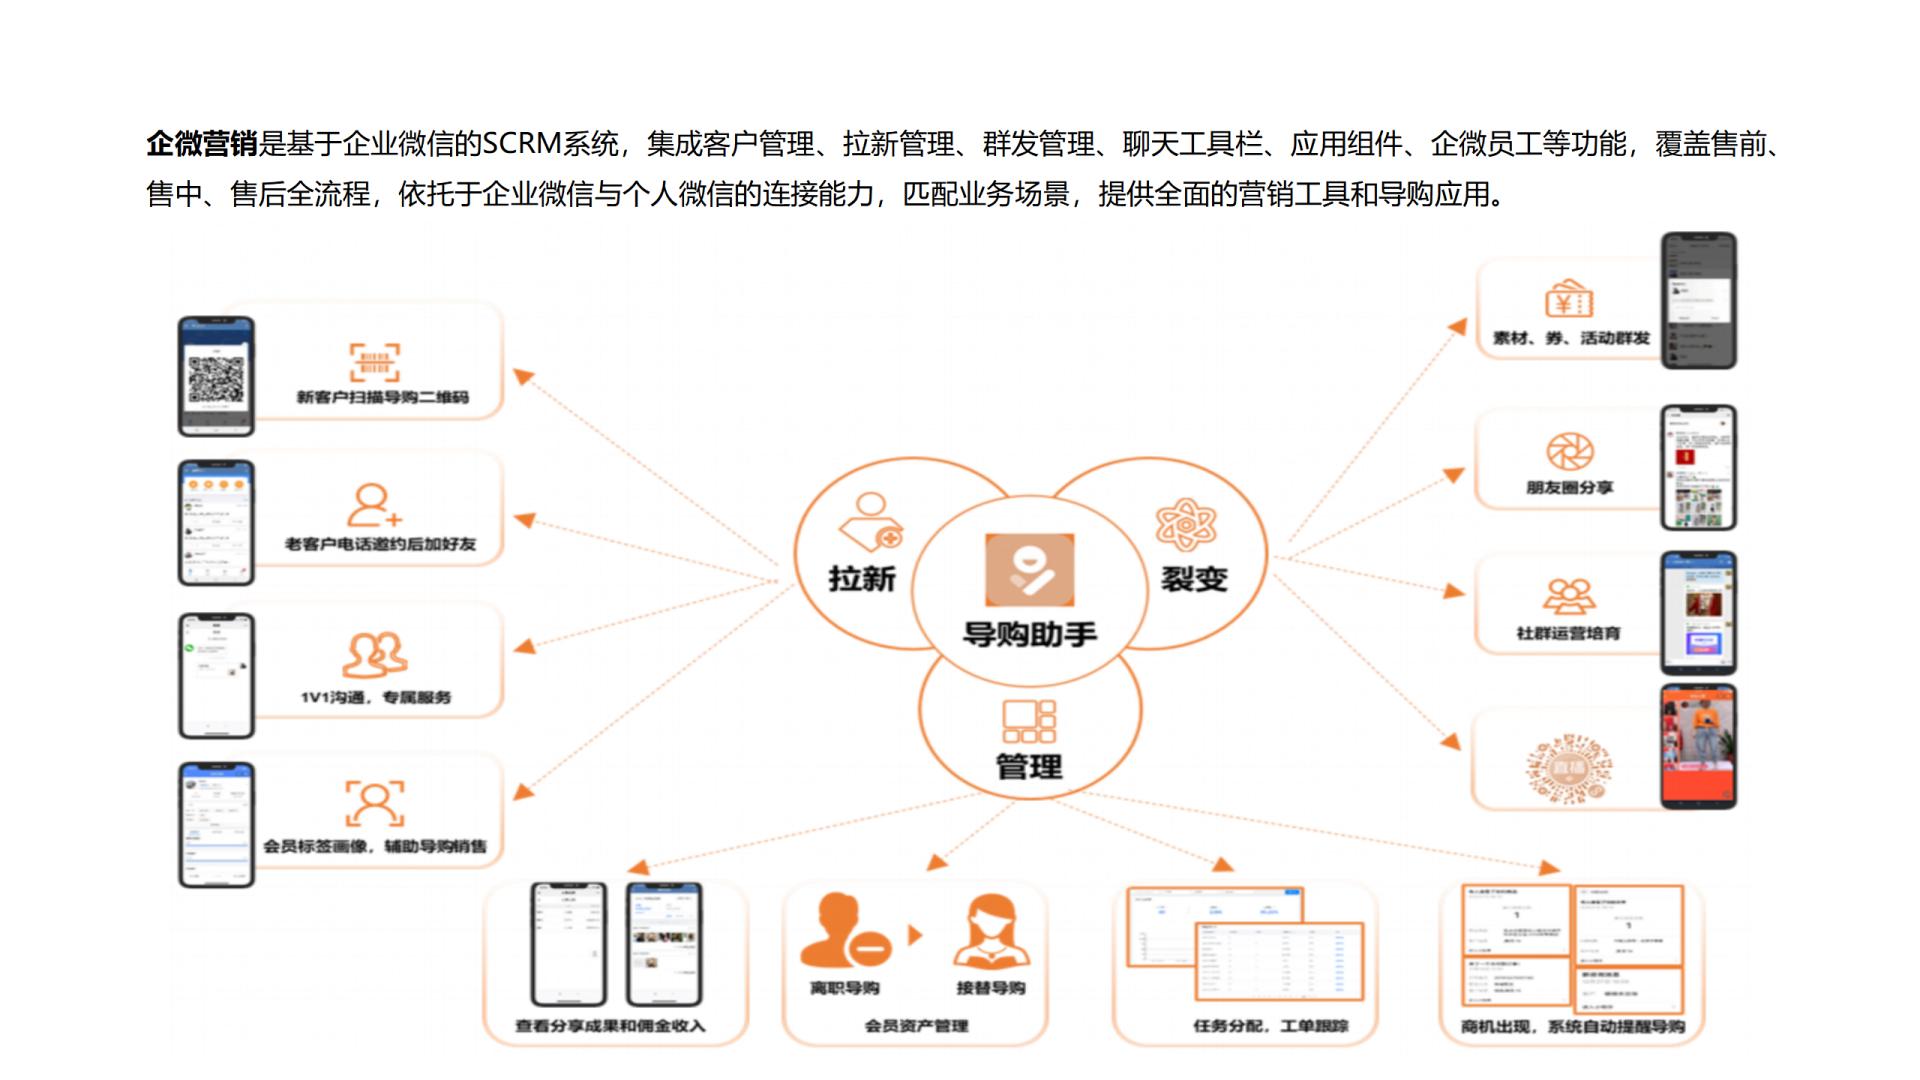 企业应用, 销售管理, 营销自动化